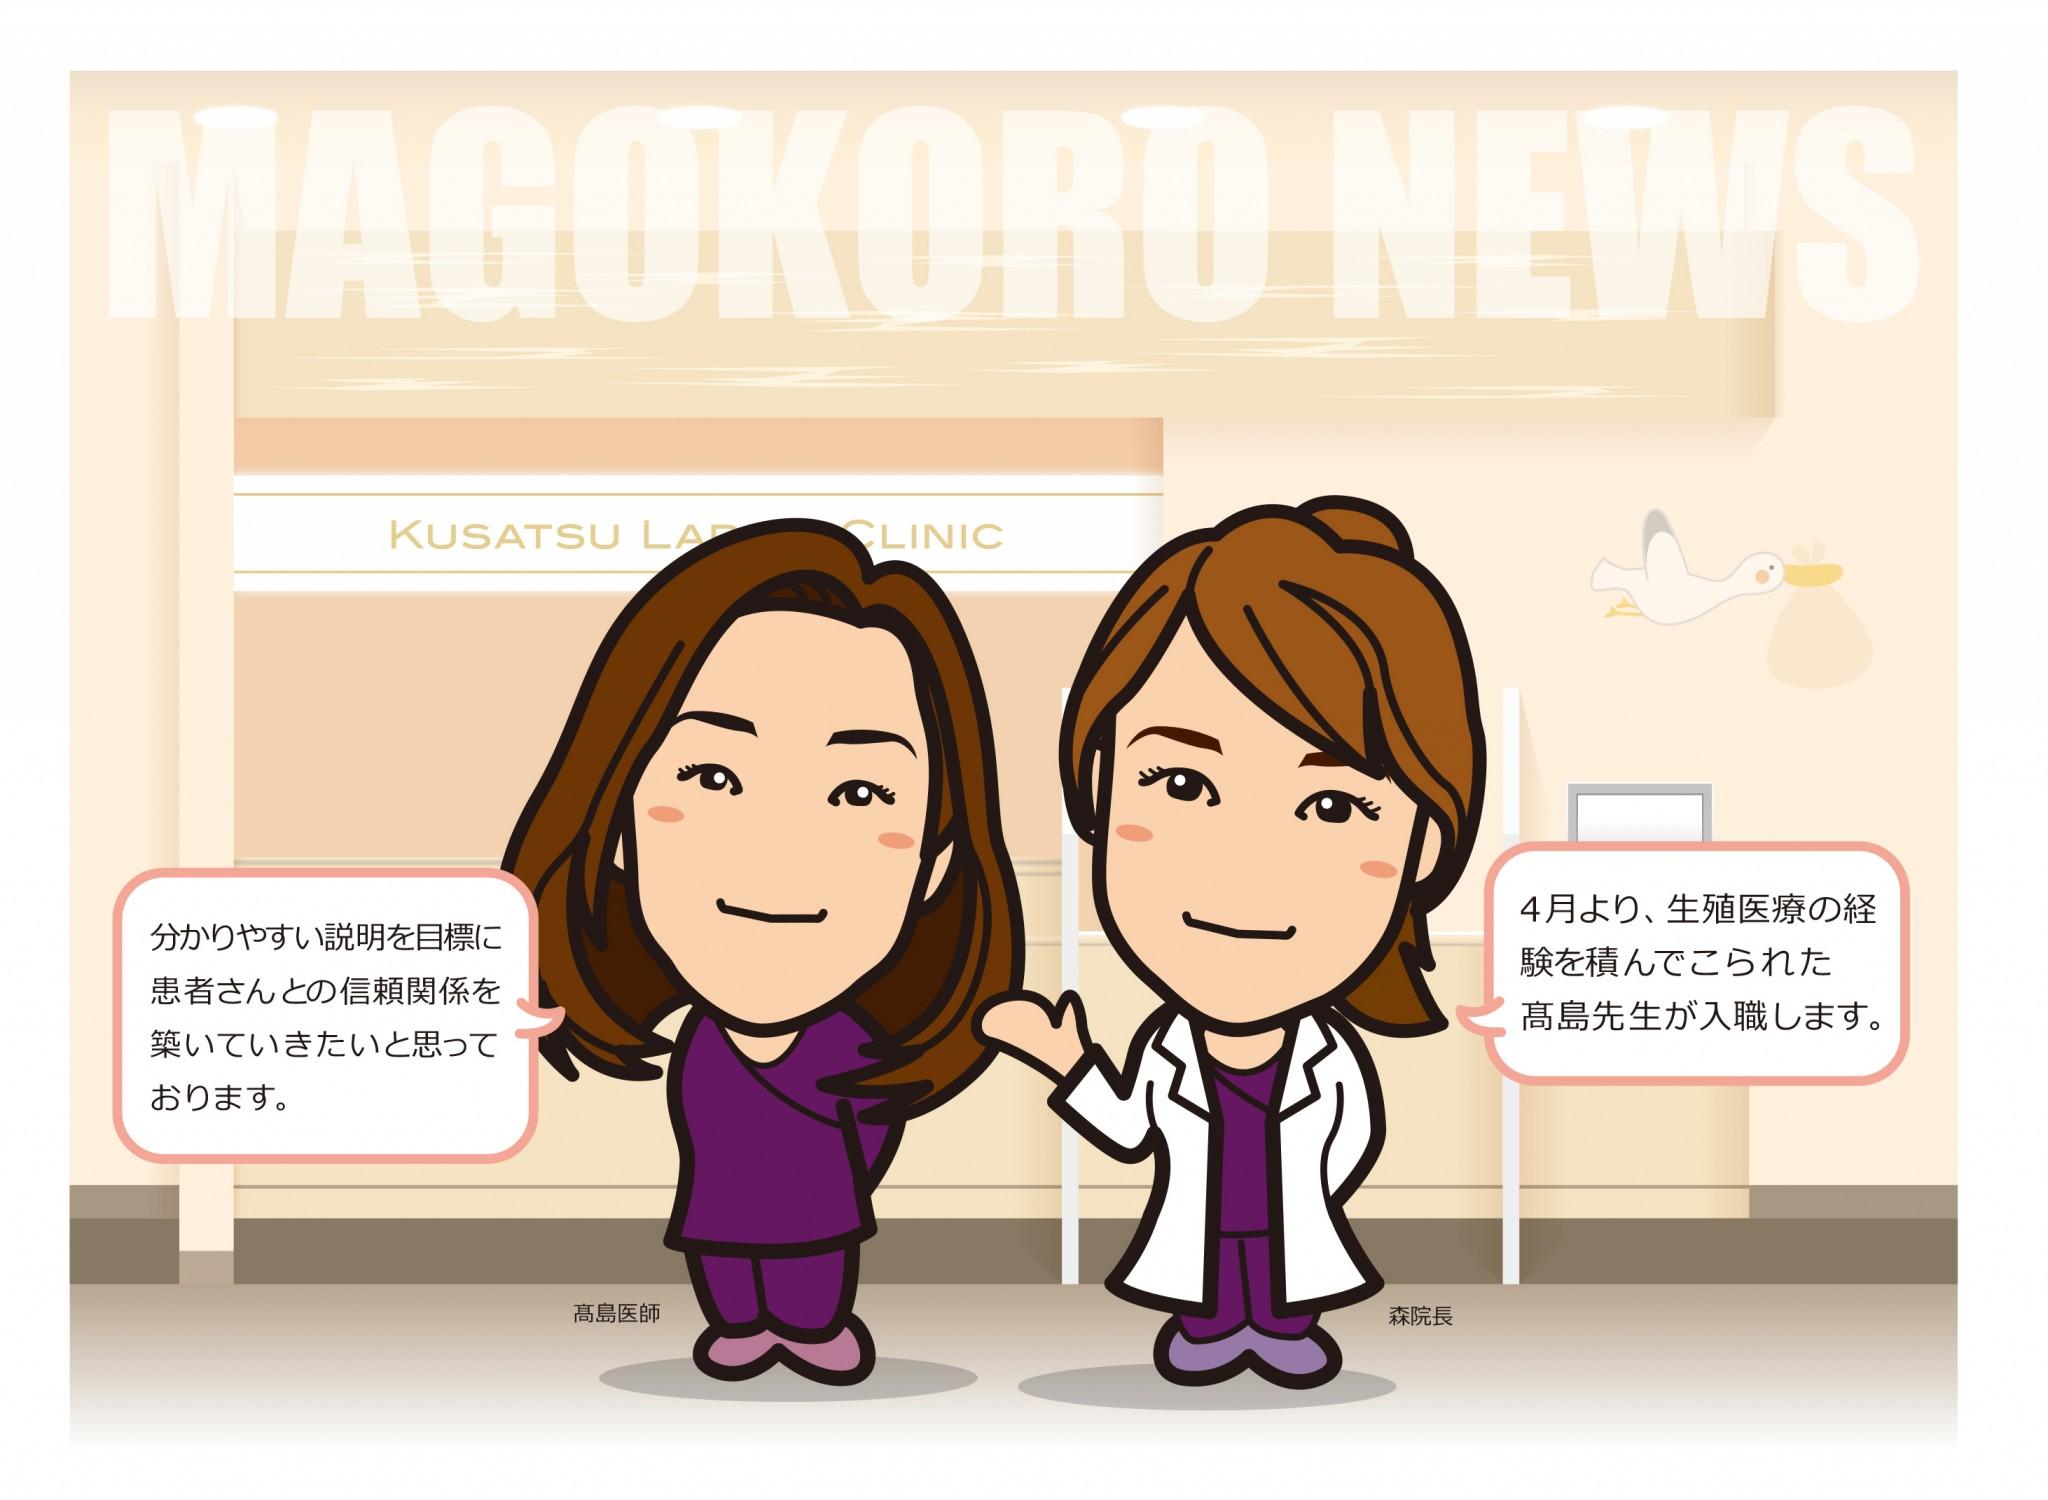 klc_info_takashima01